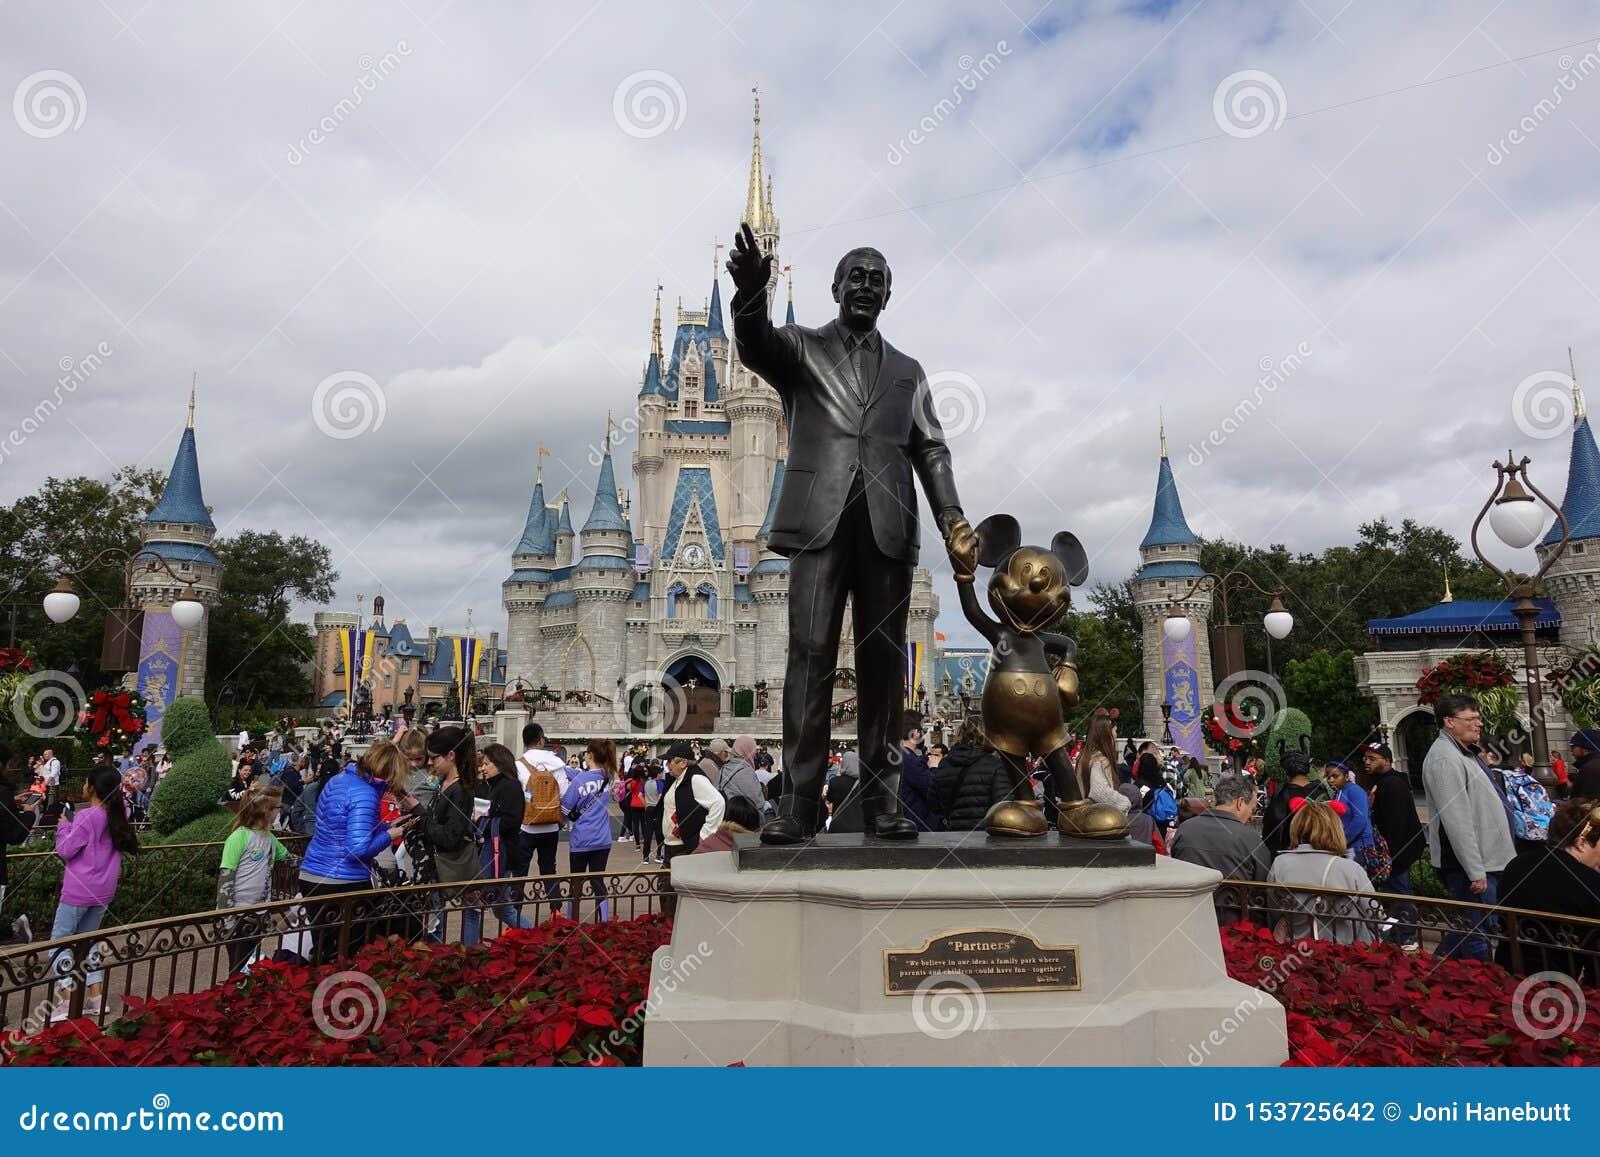 Передний горизонтальный взгляд статуи партнеров Уолт Дисней и мыши Mickey